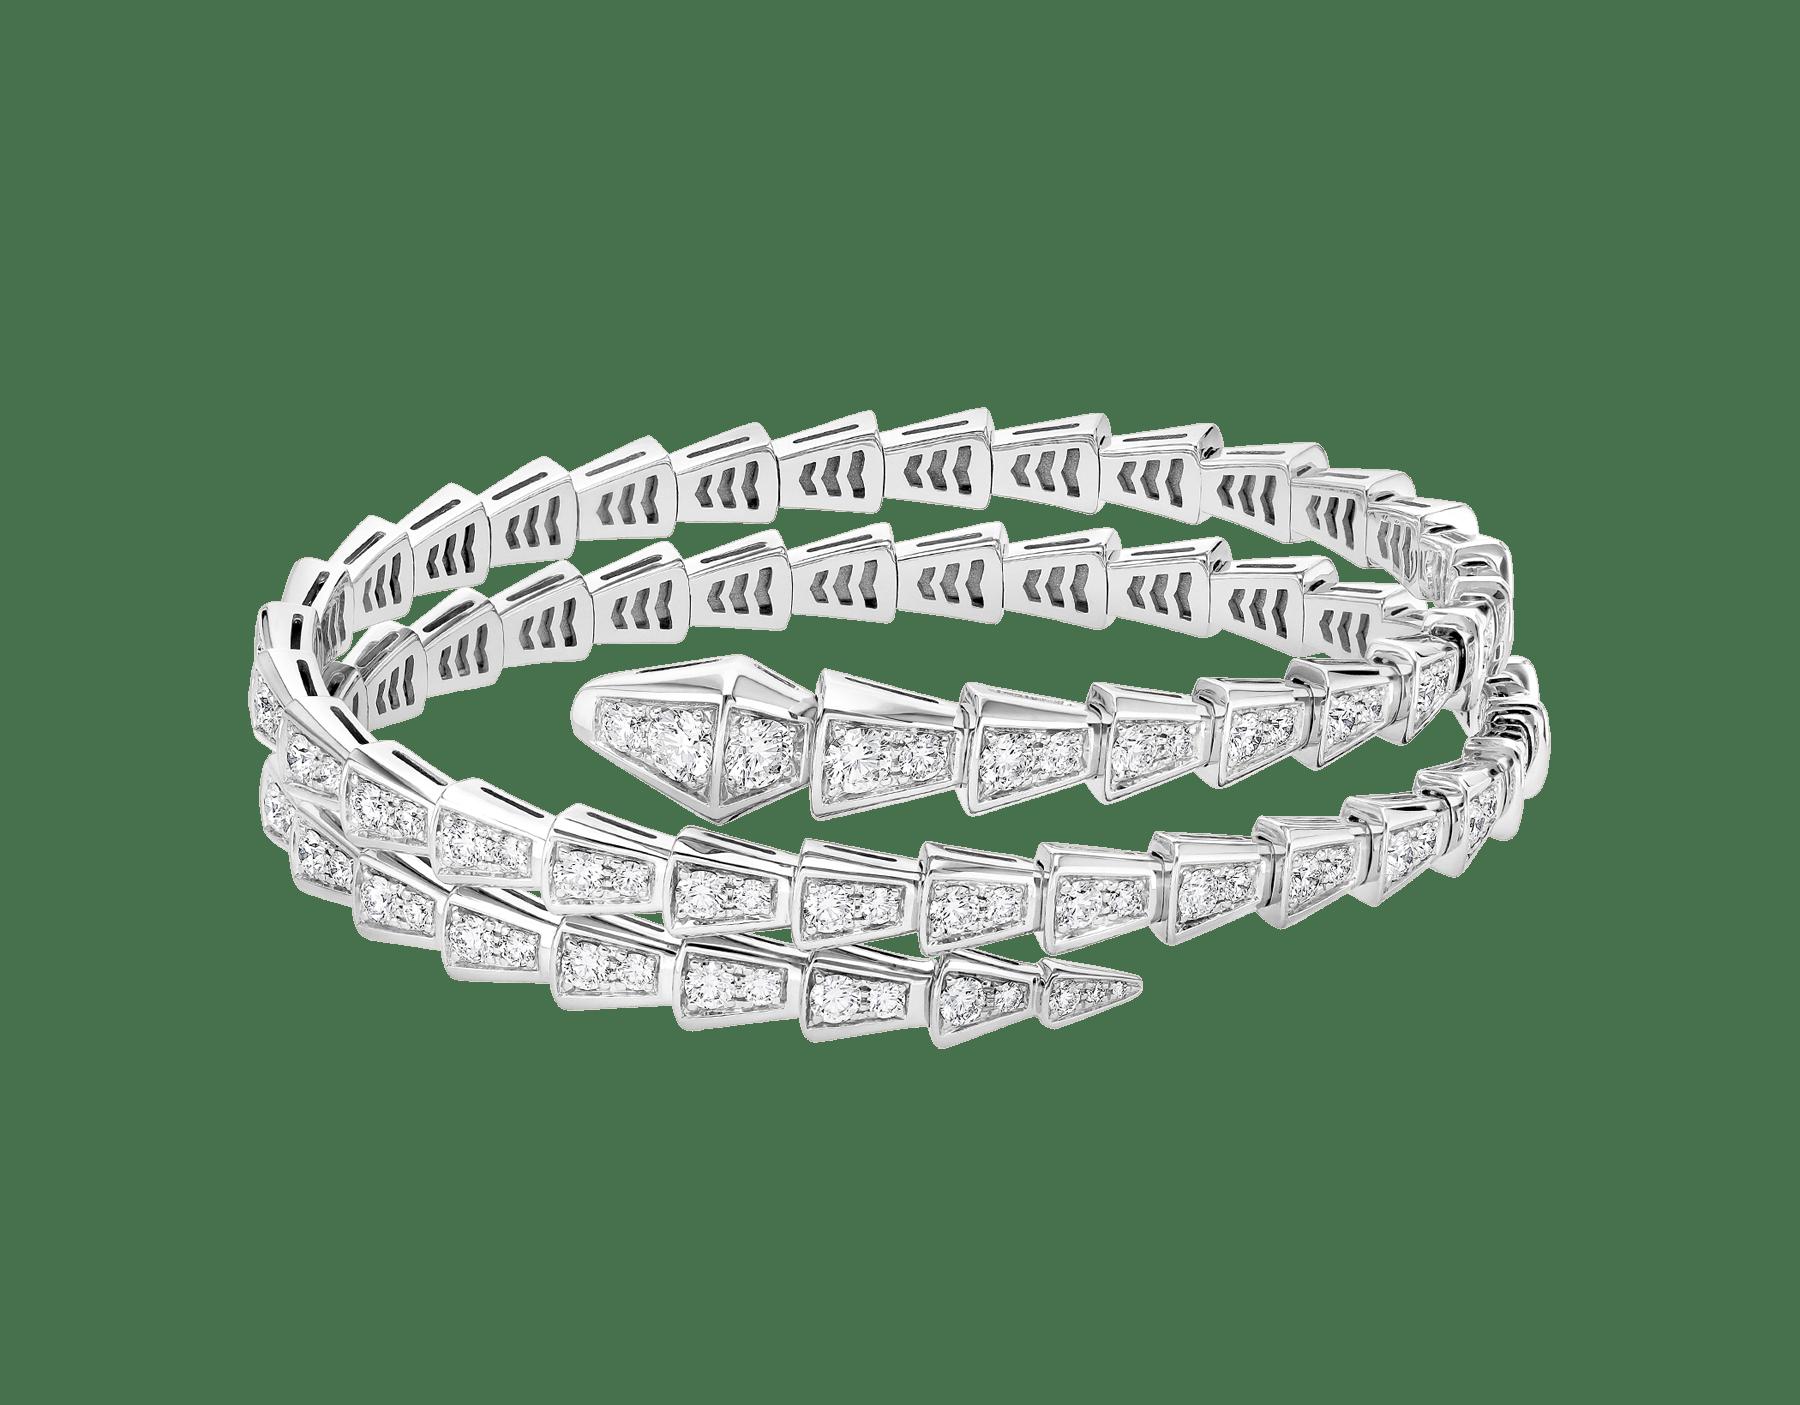 Bracelet deux tours Serpenti Viper en or blanc 18K avec pavé diamants BR858795 image 2